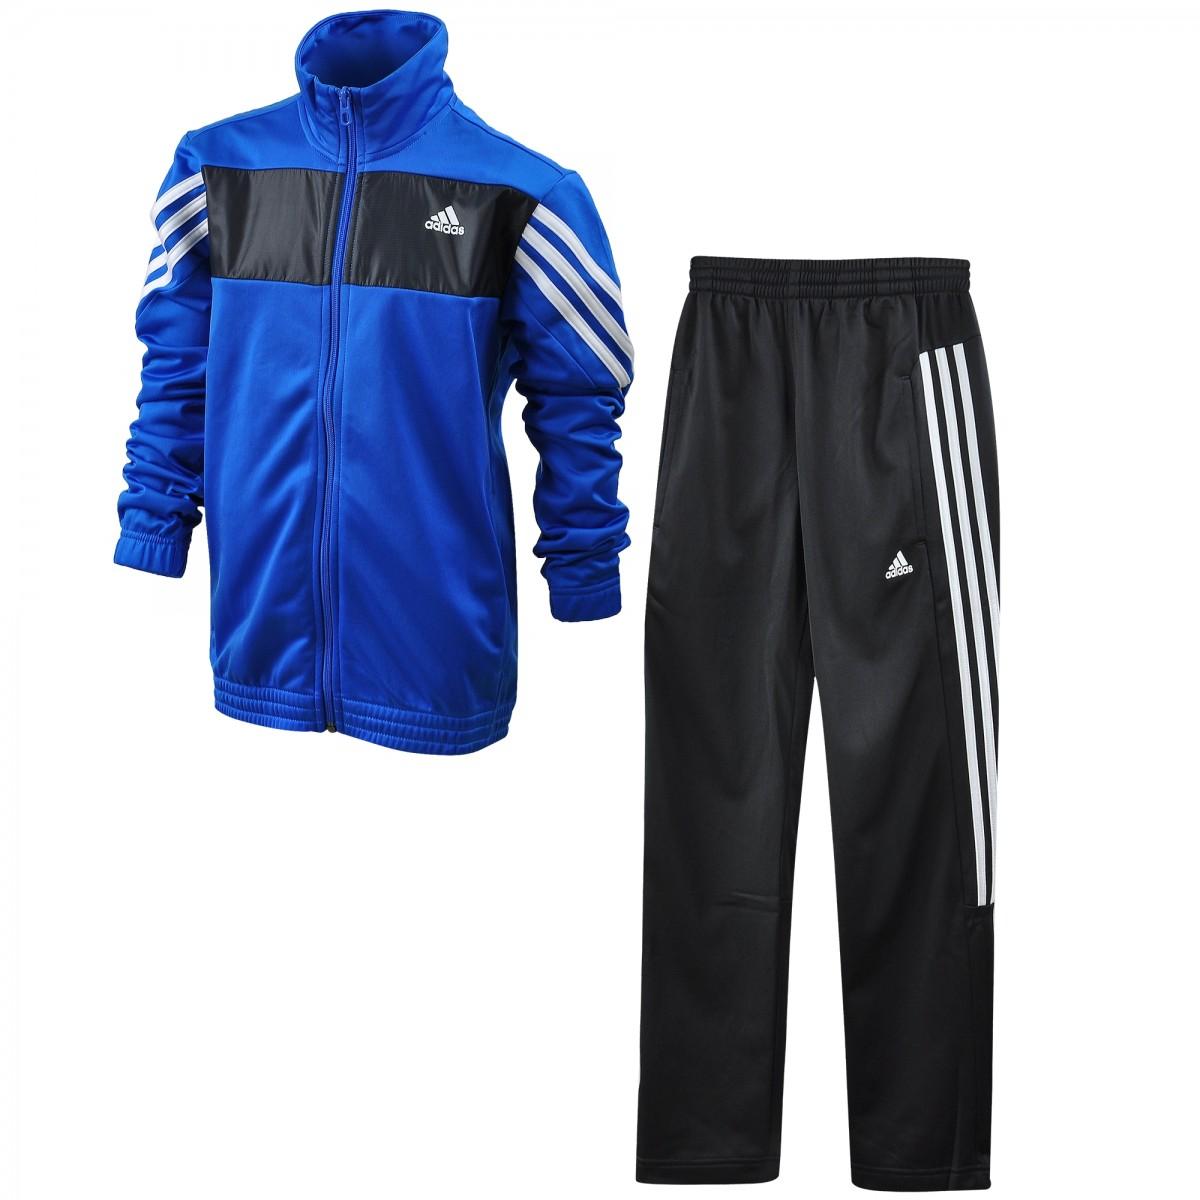 Agasalho Adidas Yb Ts Trn Kn Oh - Masculino  35668593fd15a